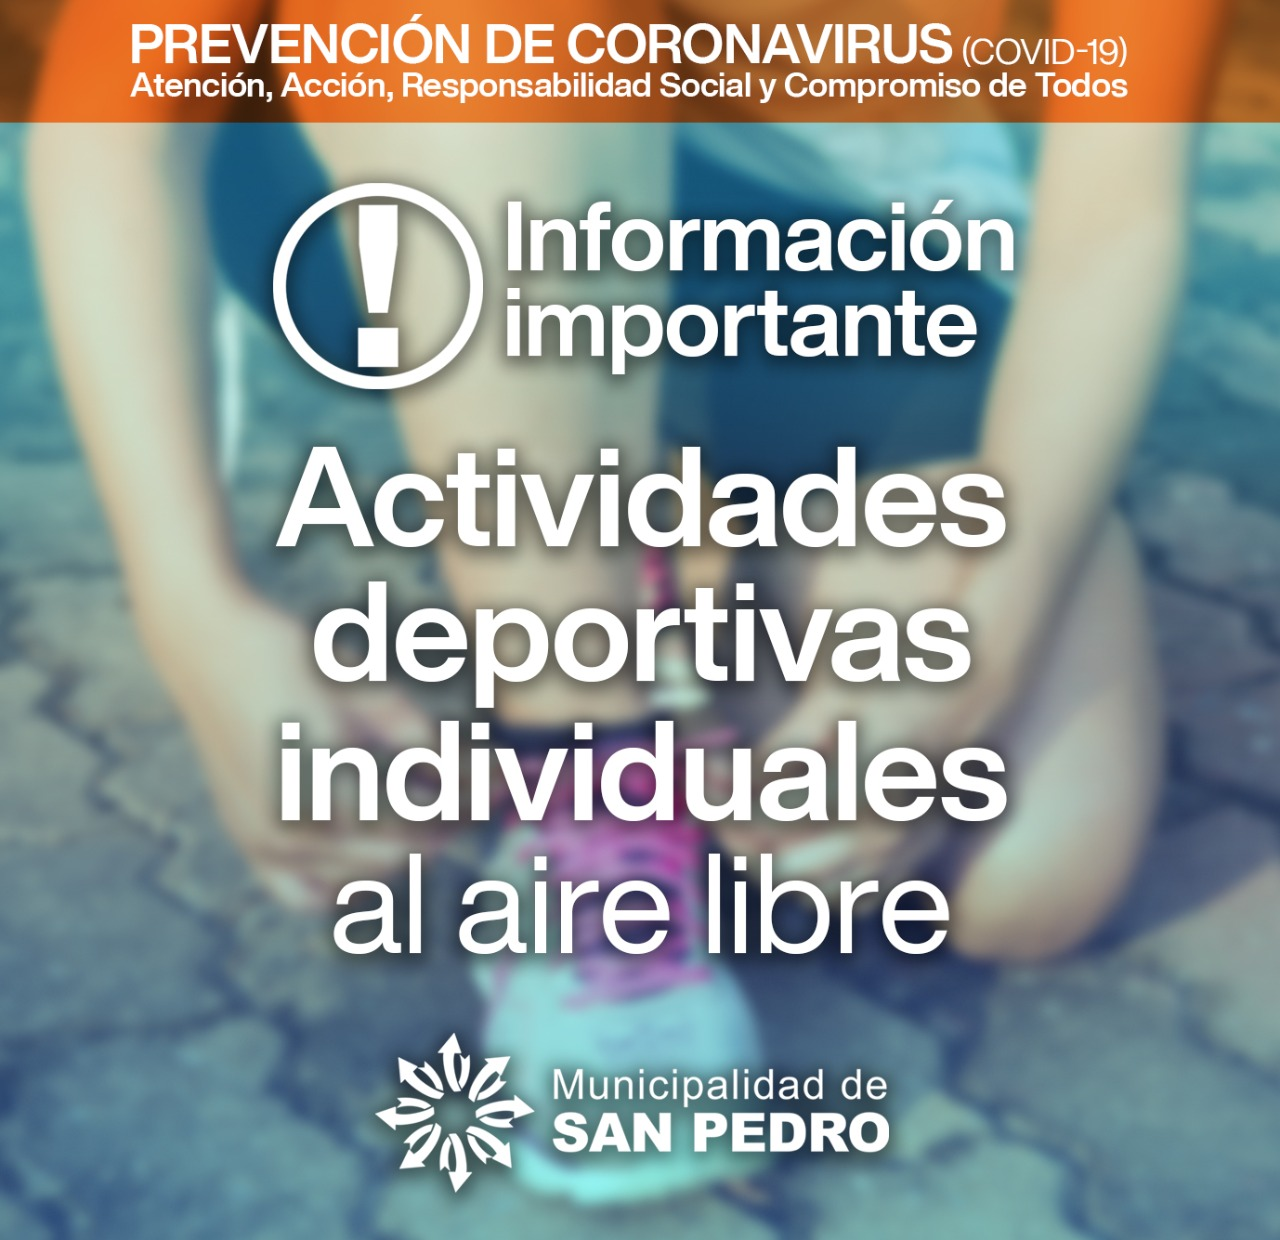 ¡¡ULTIMO MOMENTO!! Autorización de deportes individuales al aire libre y fin de restricción por DNI